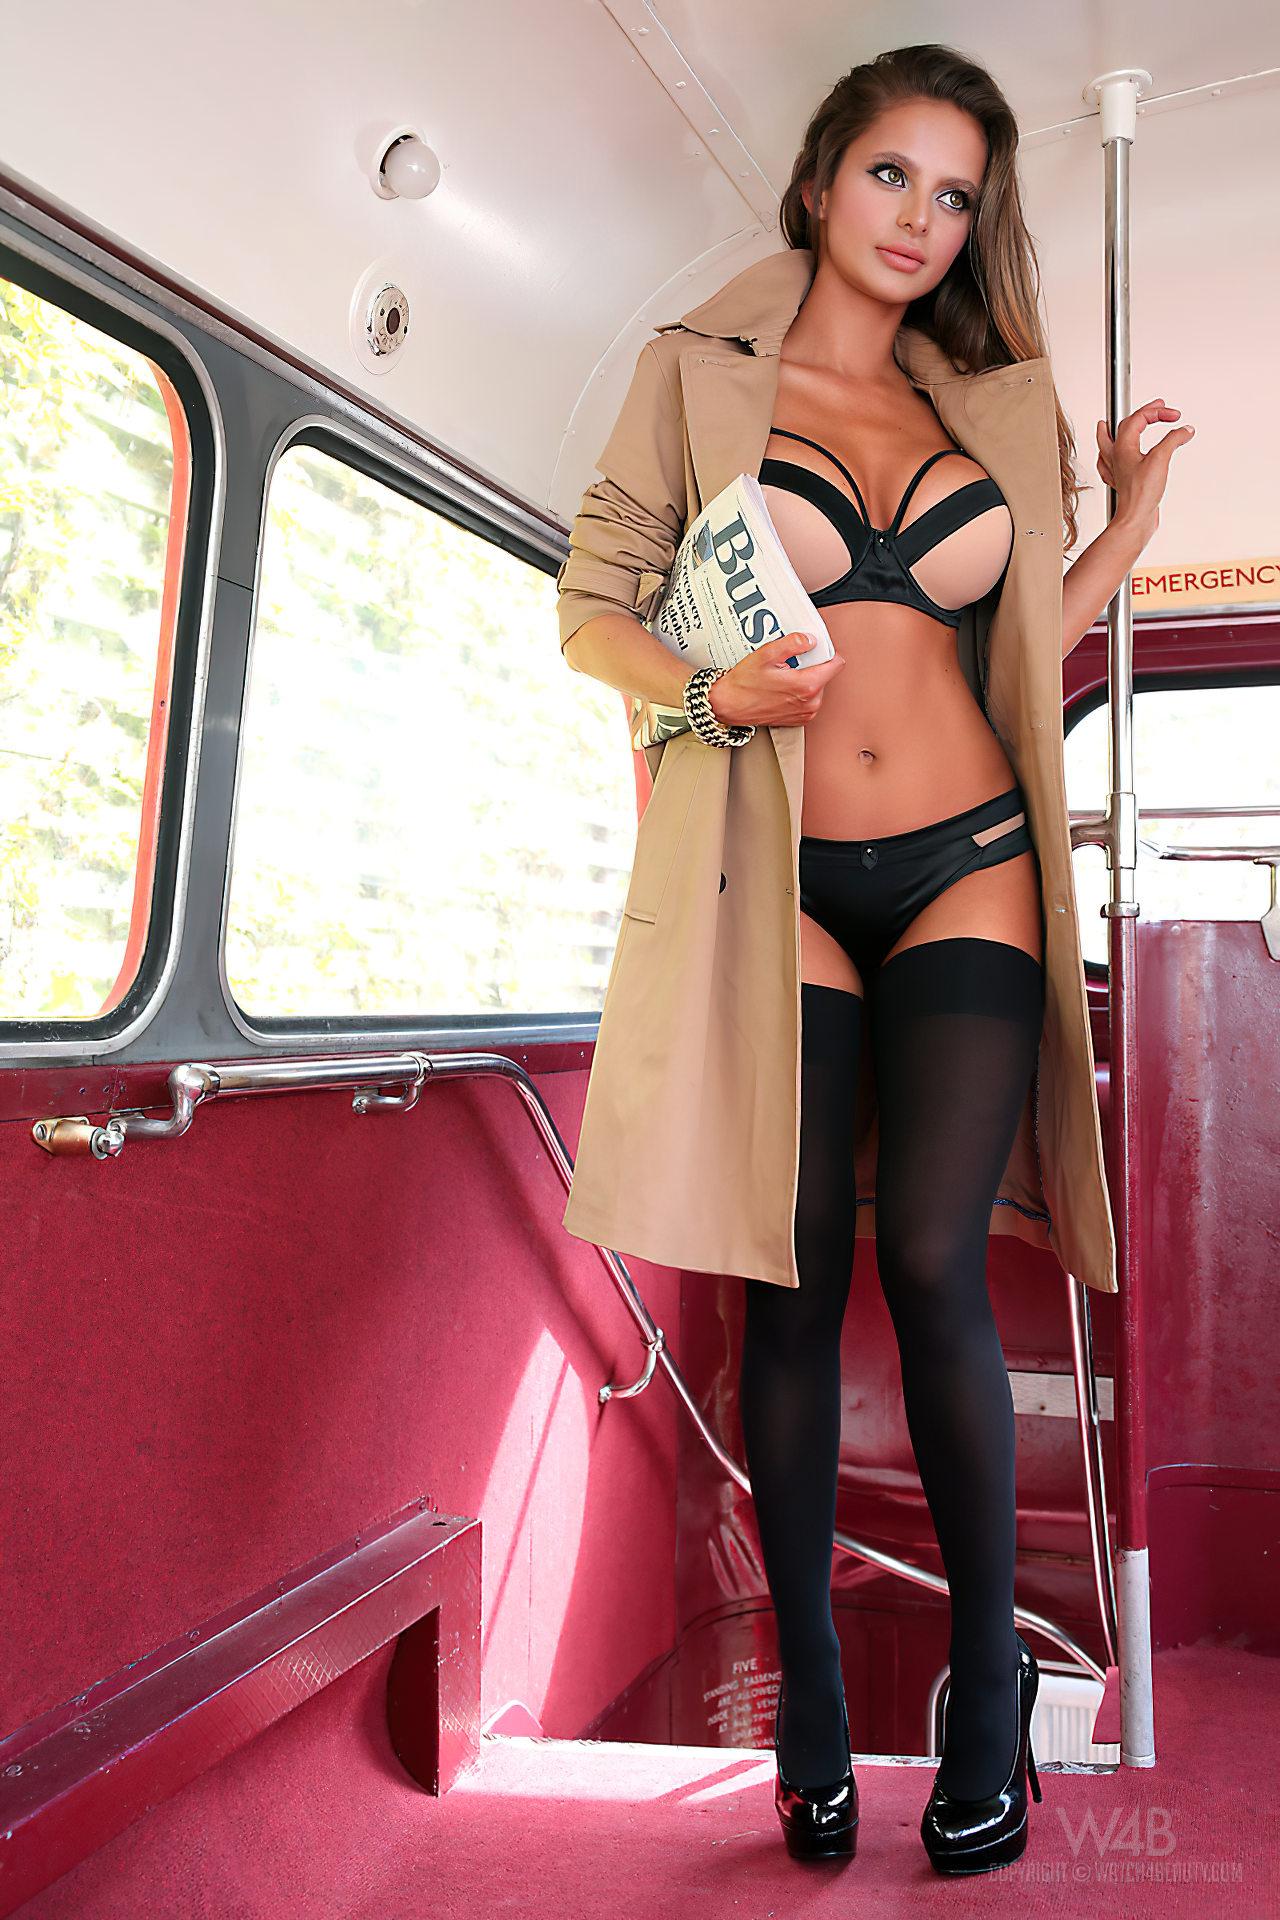 Viagem de Autocarro (1)